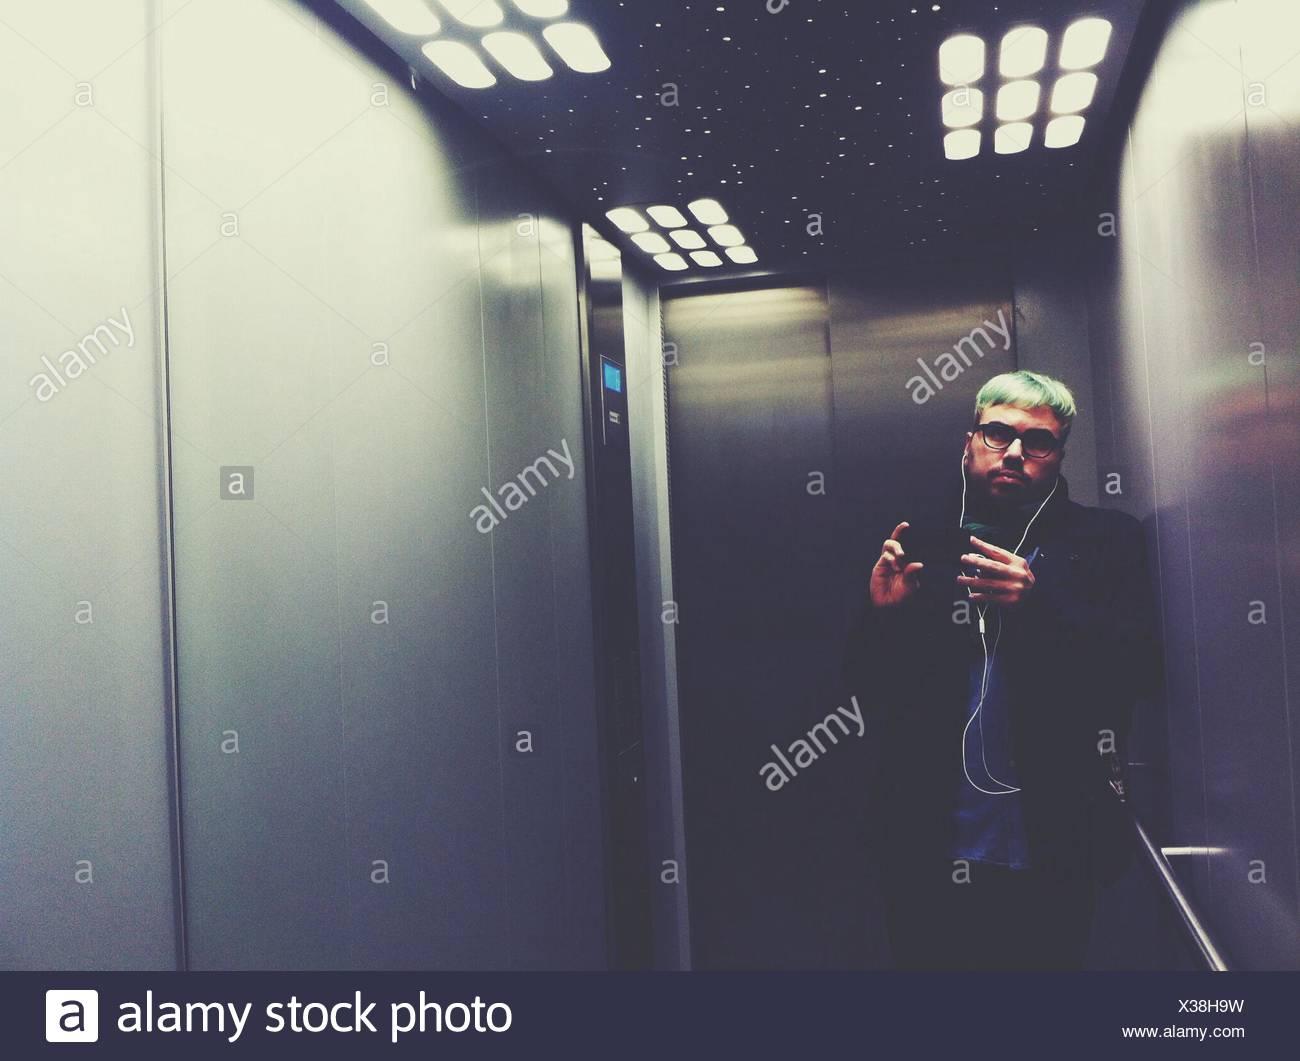 Giovane uomo che ascolta mp3 player in ascensore Immagini Stock